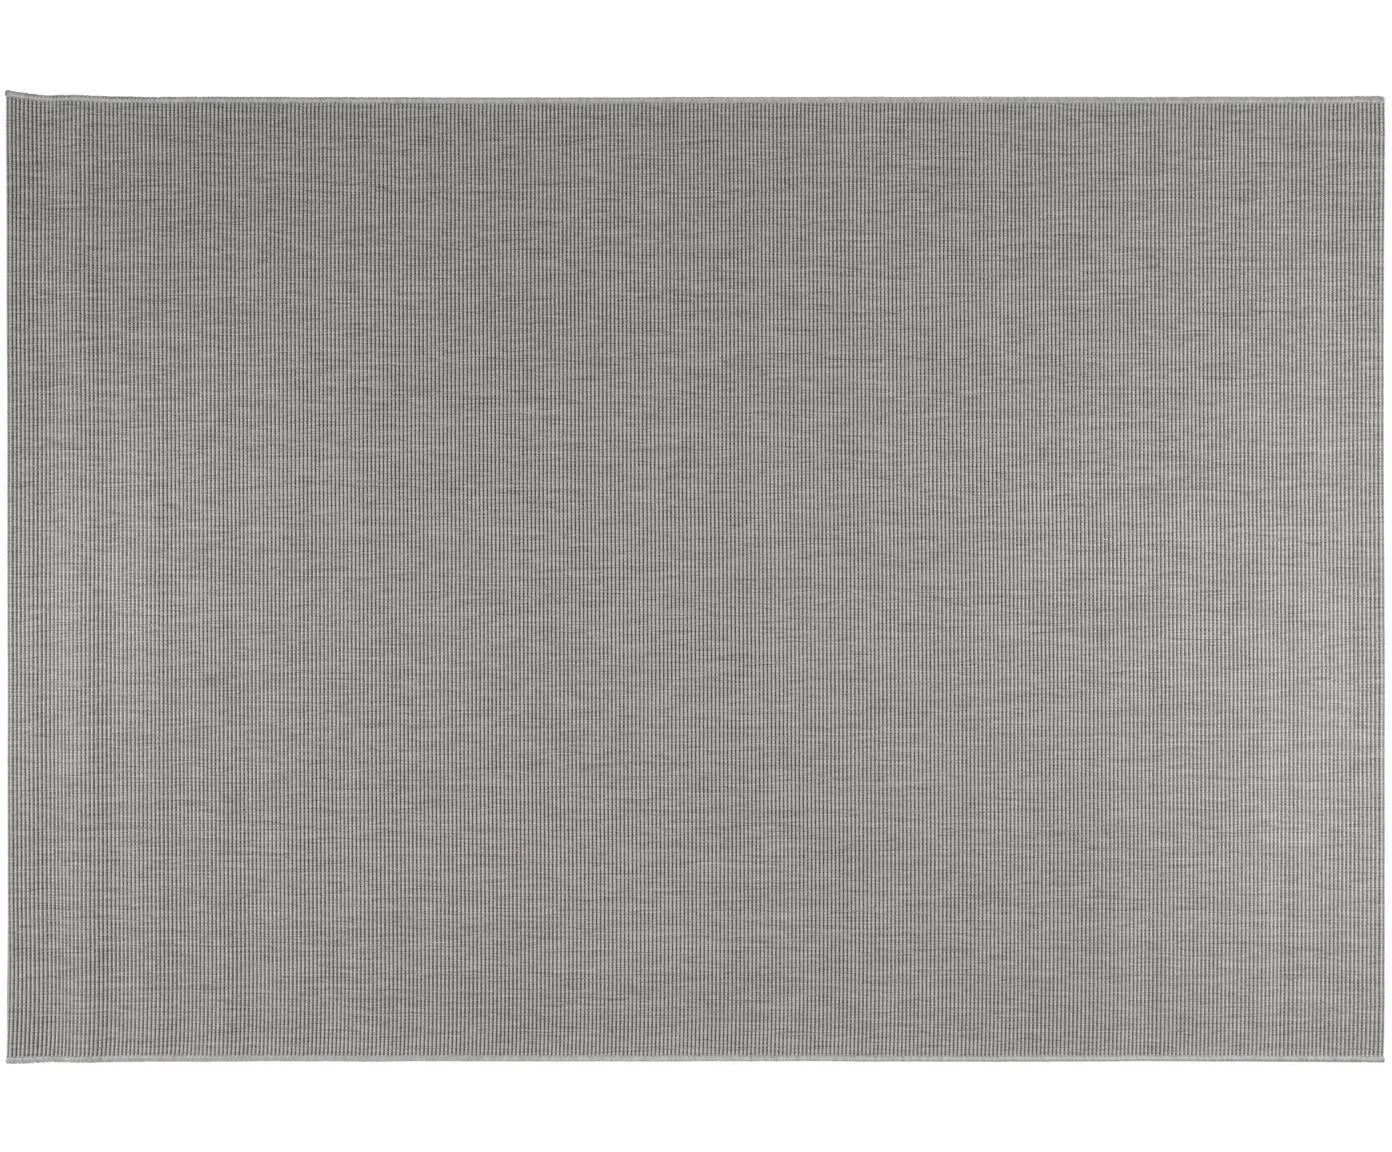 In- & Outdoor-Teppich Metro, 100% Polypropylen, Hellgrau, B 80 x L 150 cm (Größe XS)